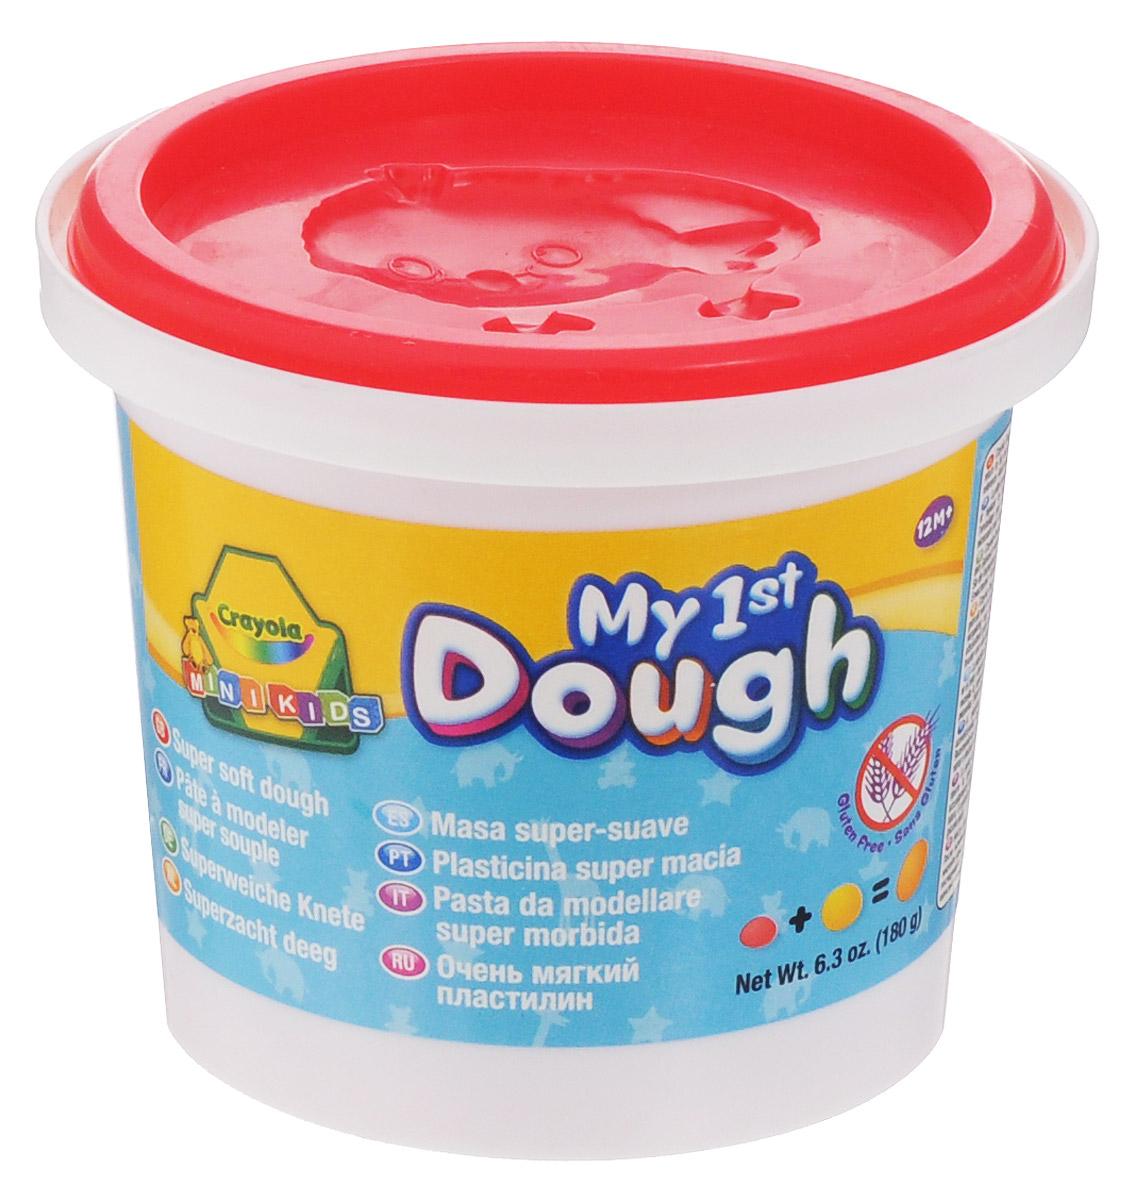 Crayola Масса для лепки My 1st Dough Цыпленок цвет коралловый